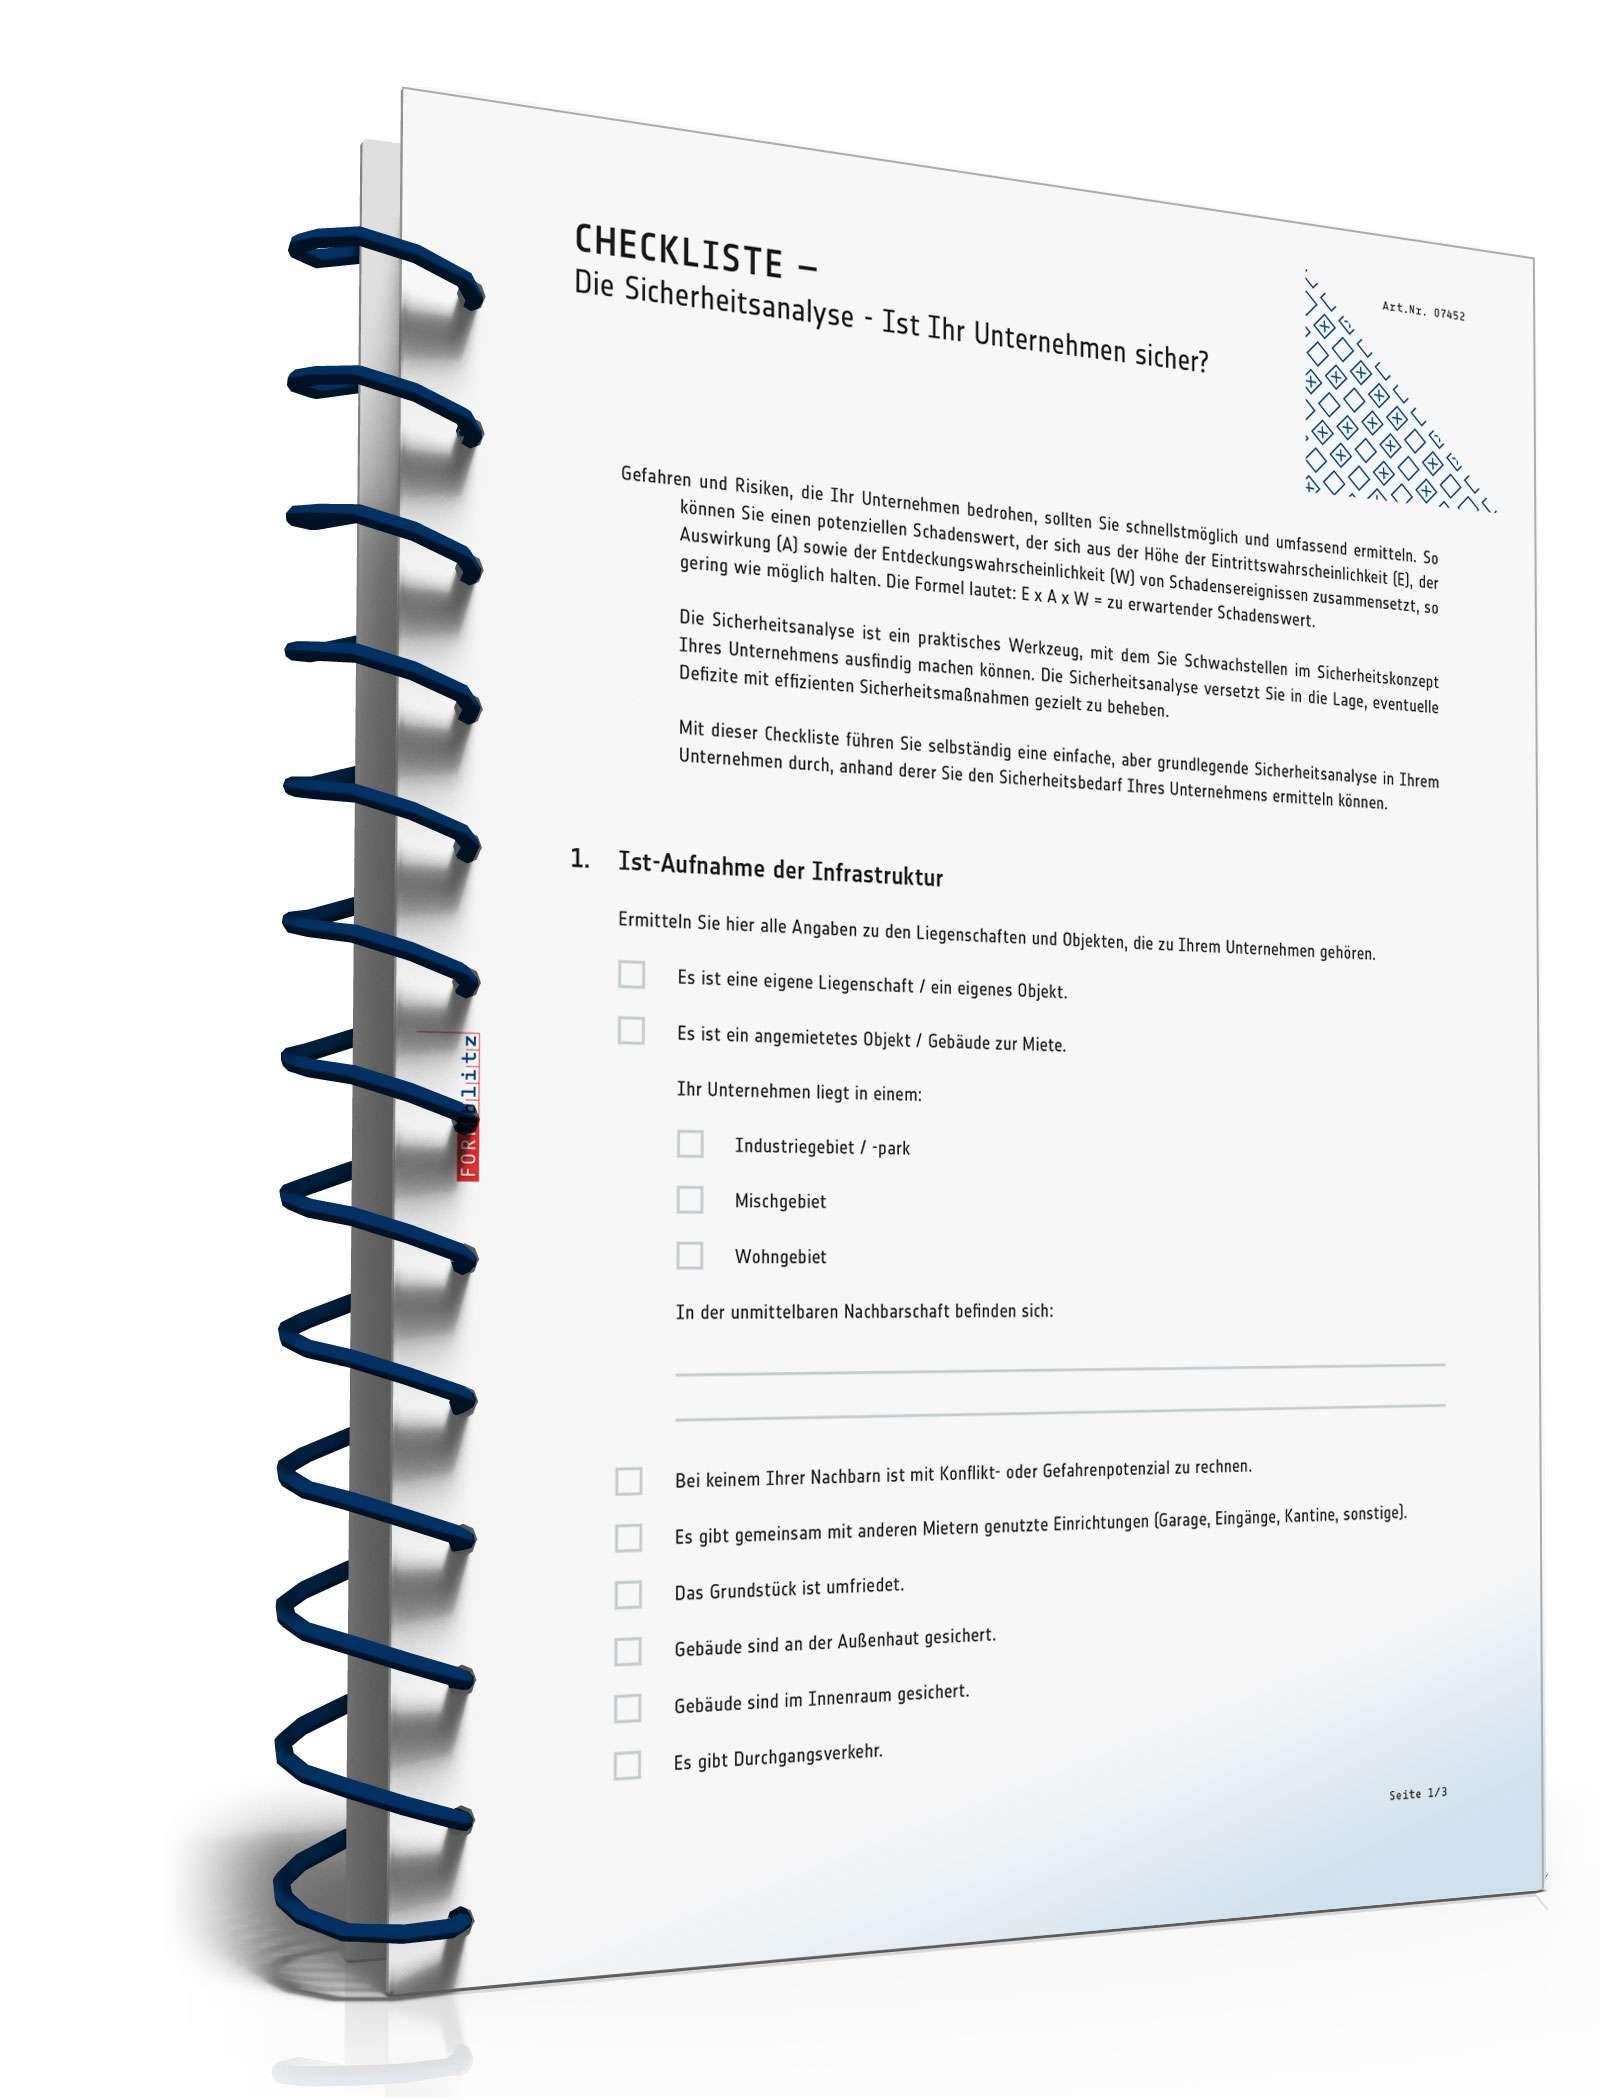 Checkliste Sicherheitsanalyse Unternehmen   Muster zum Download